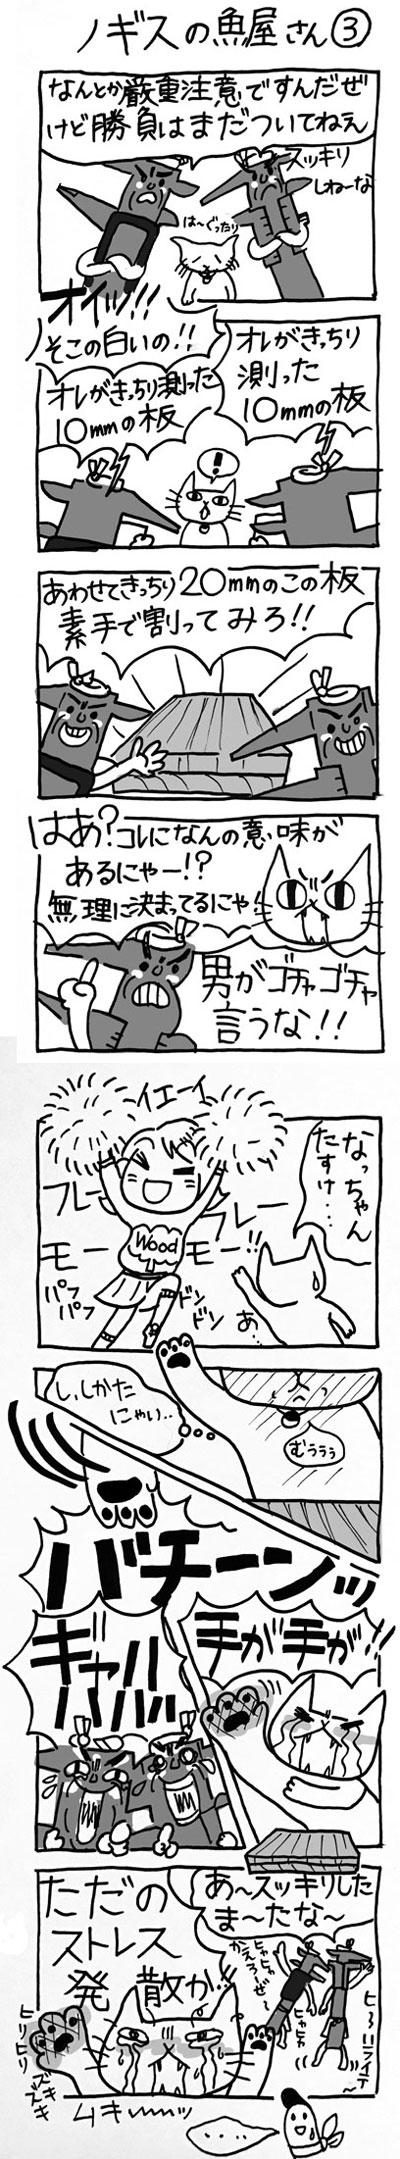 木工漫画 ノギスの魚屋さん③ 0203